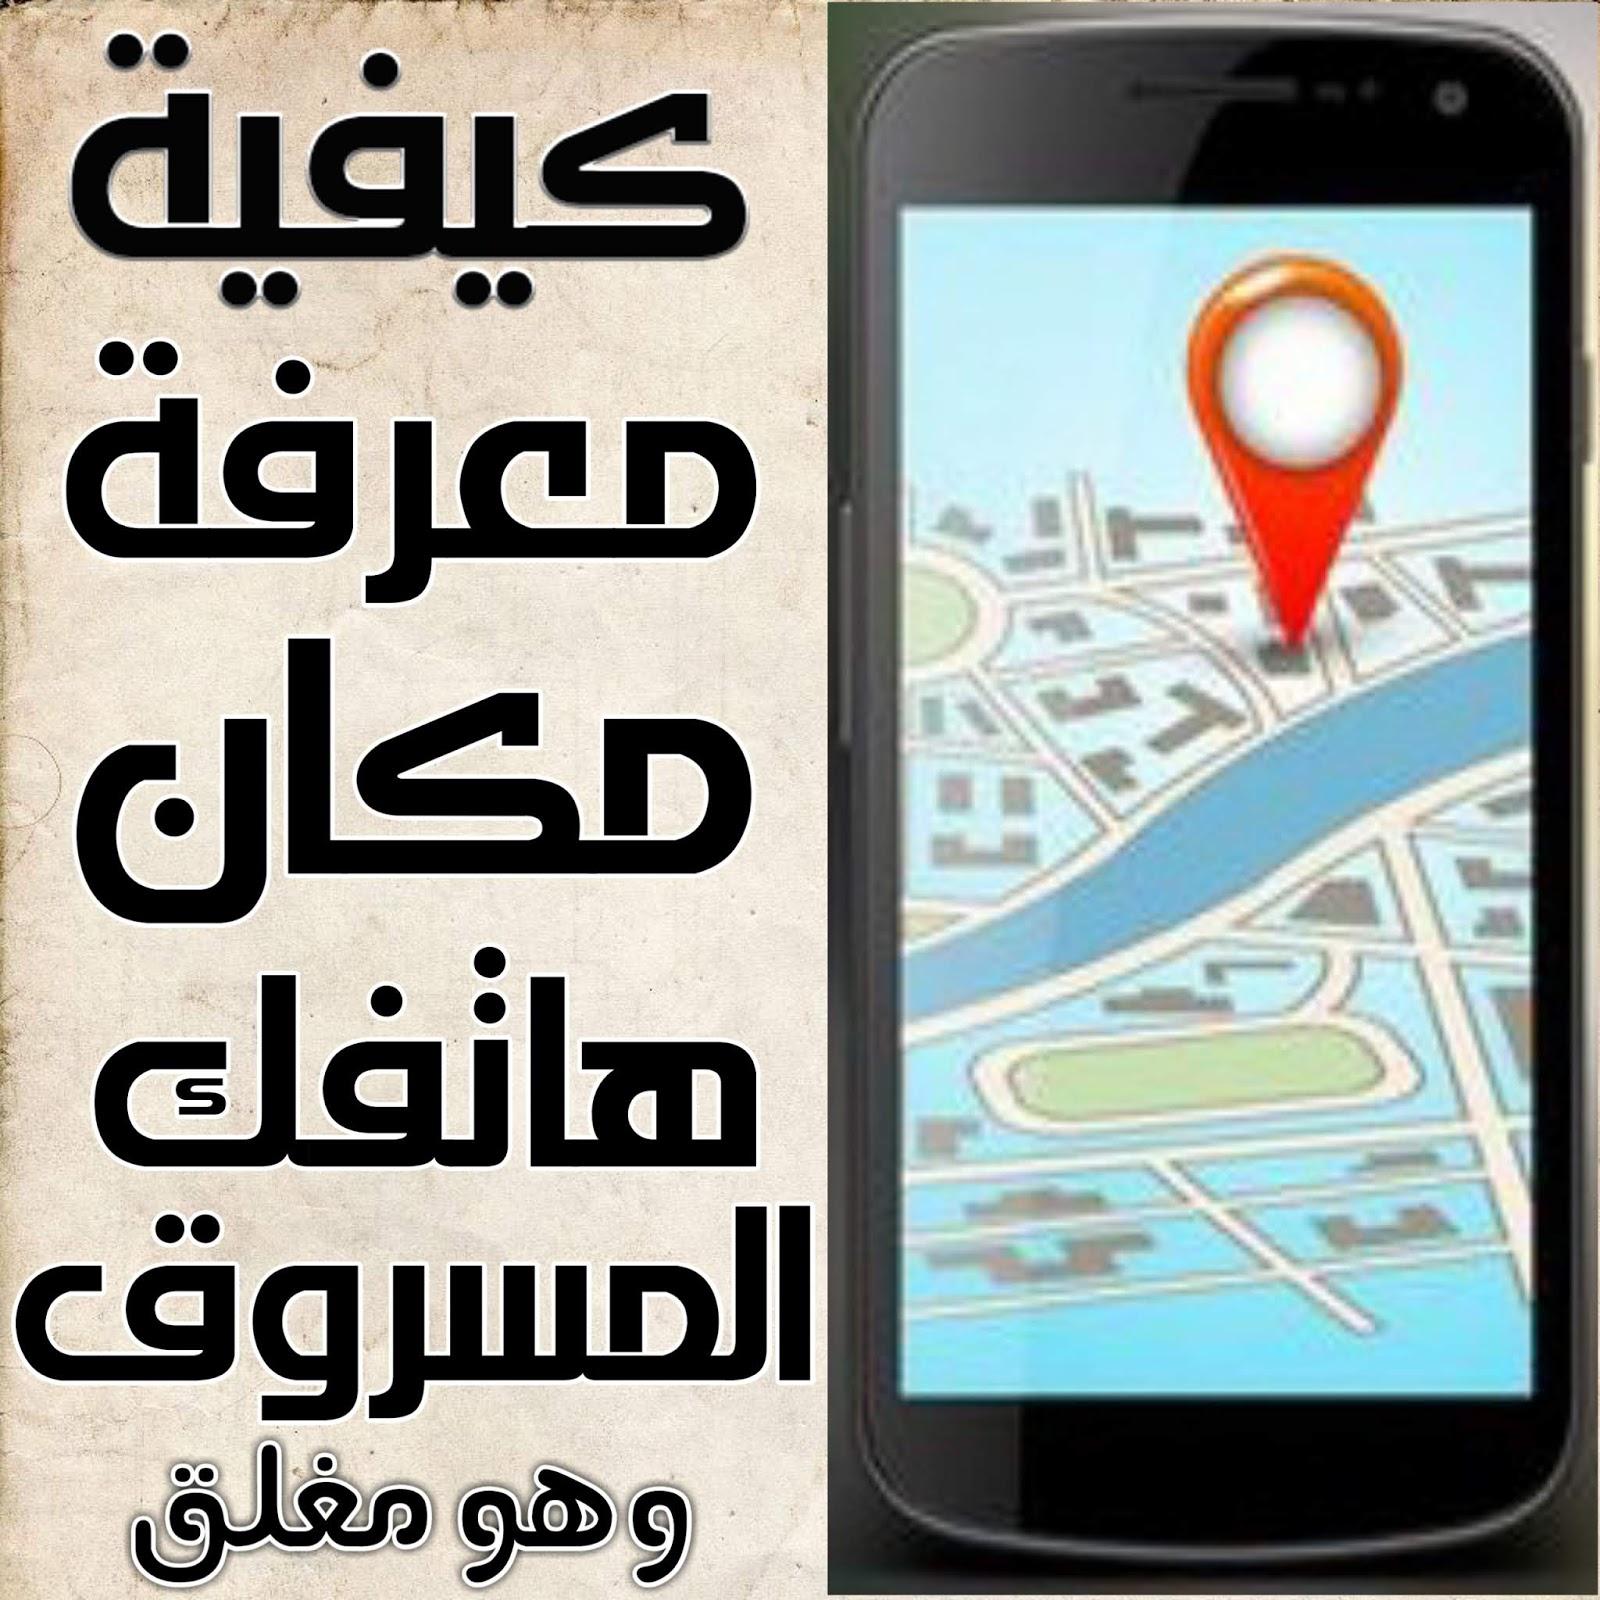 كيفية معرفة مكان الهاتف المسروق المغلق والعثور علي جهازك